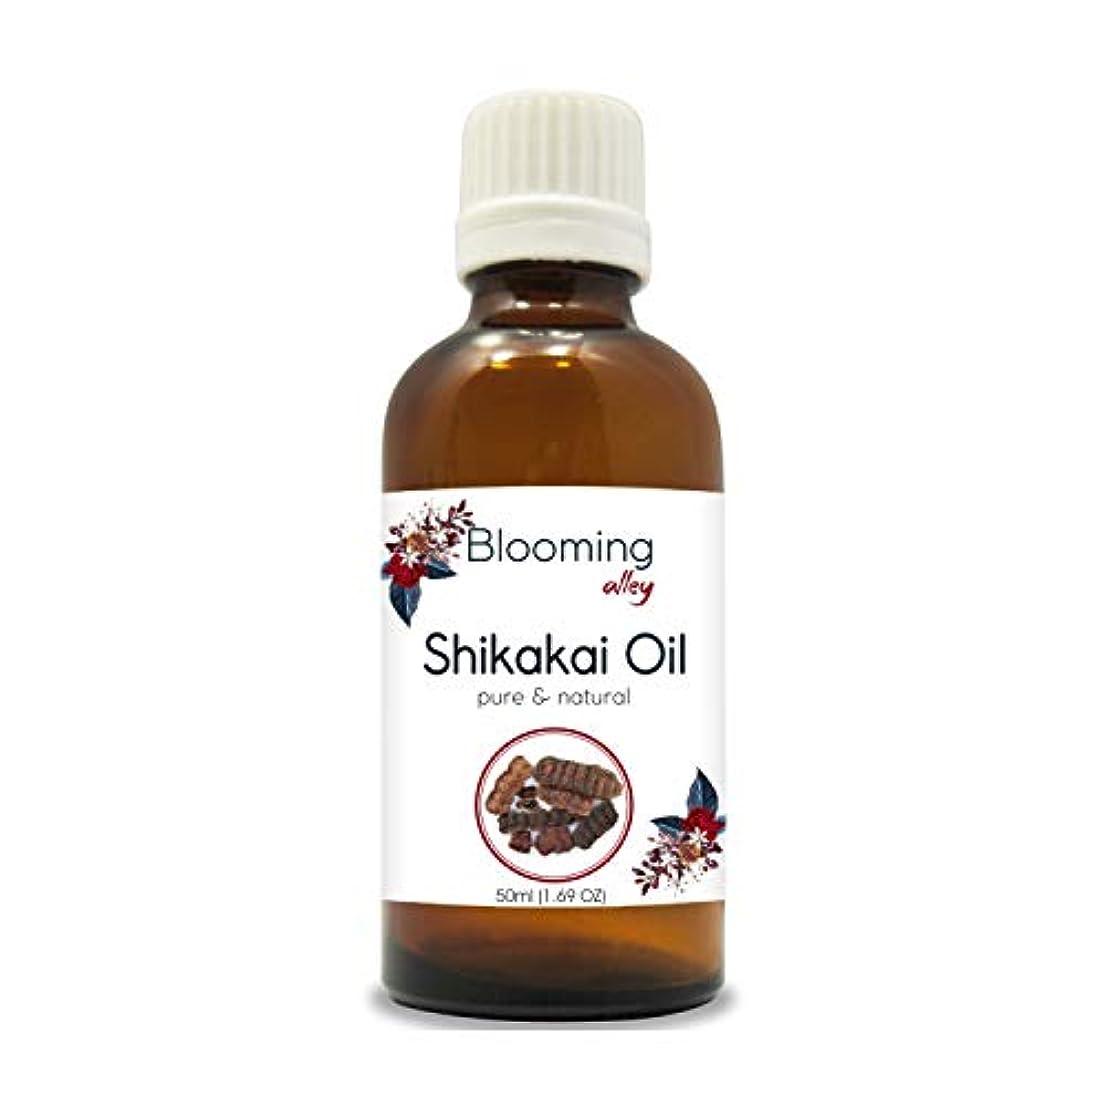 誇りに思う人道的思い出SHIKAKAI OIL 100% NATURAL PURE UNDILUTED UNCUT OIL 50ML